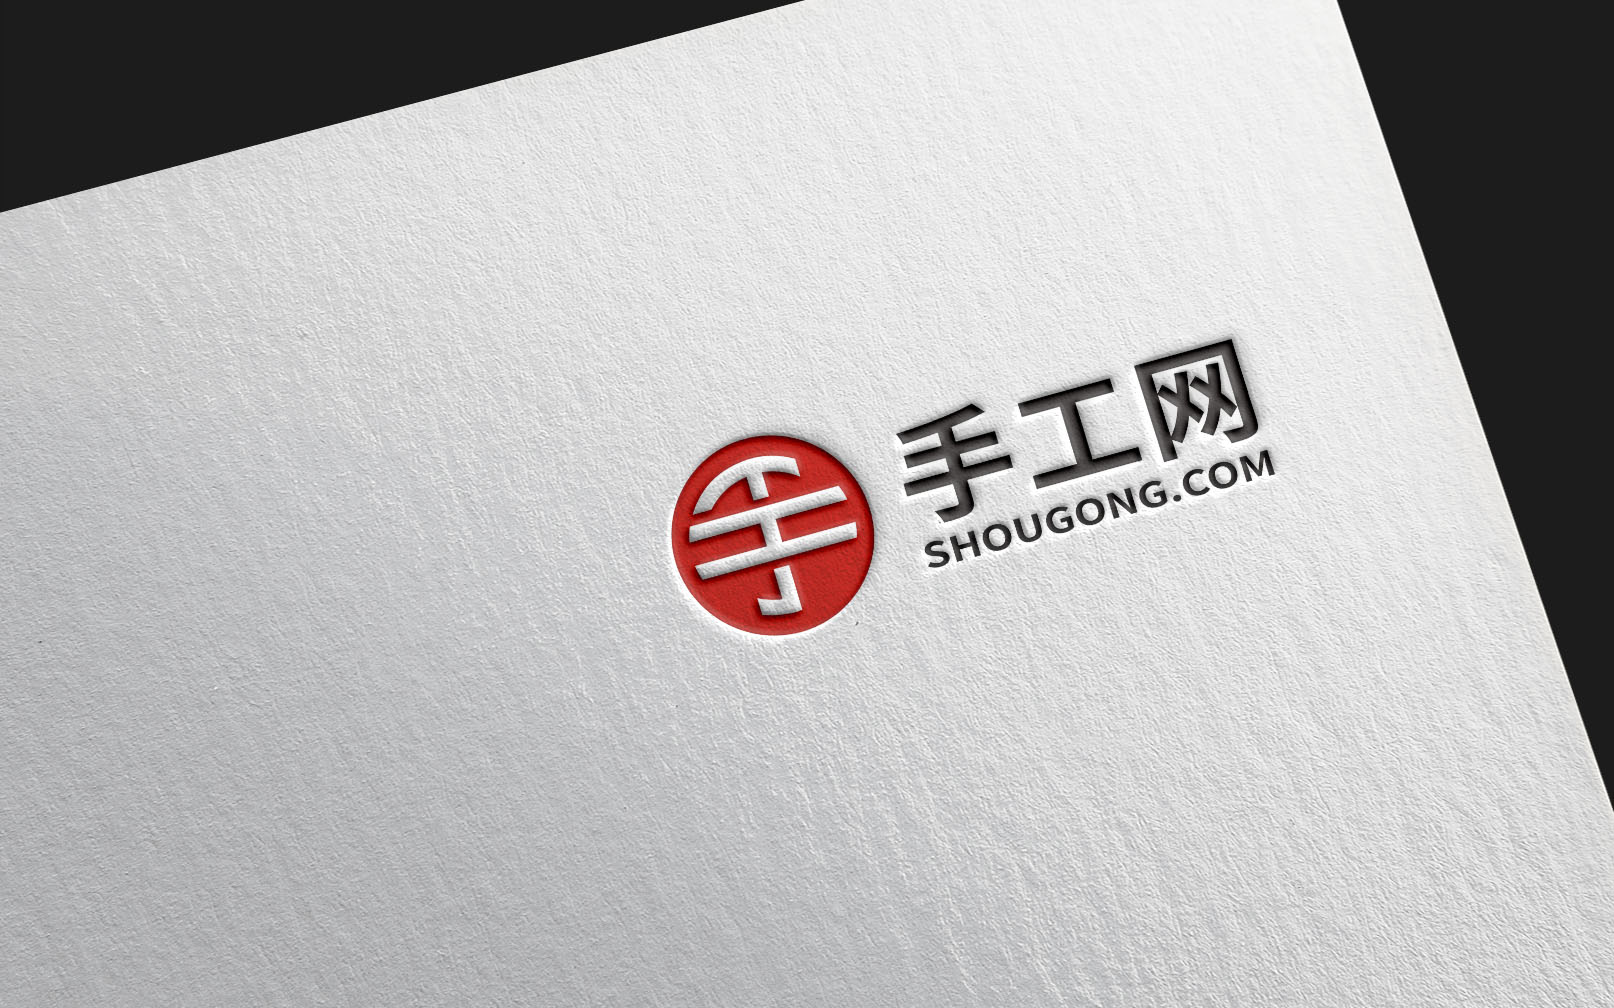 手工爱好者Logo征集_3034120_k68威客网